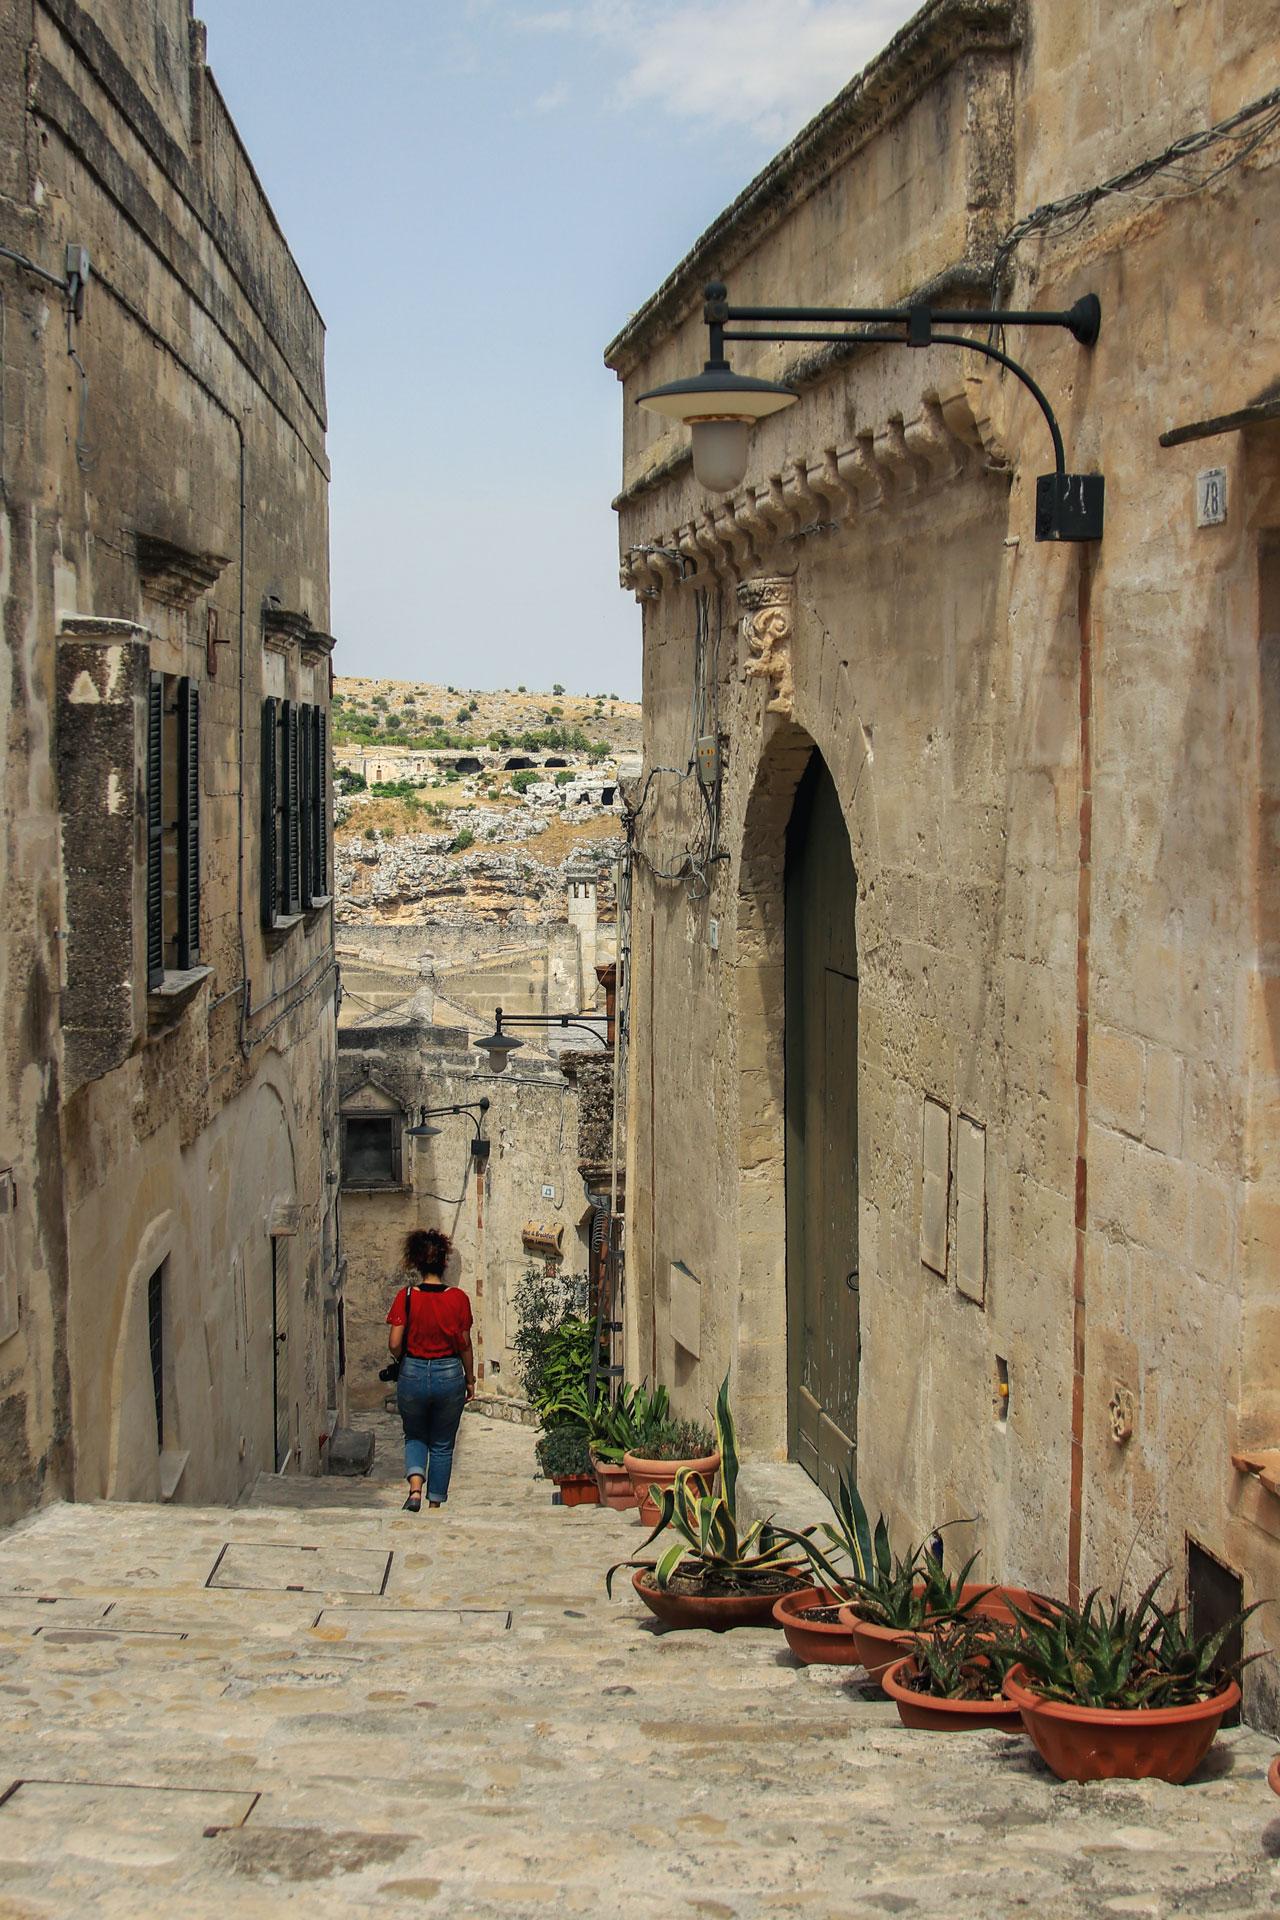 Mega İtalya Turu Gezilecek Yerler Matera Fotoğrafları Puglia Çekergezer Hakan Aydın www.cekergezer.com www.cekergezer.com